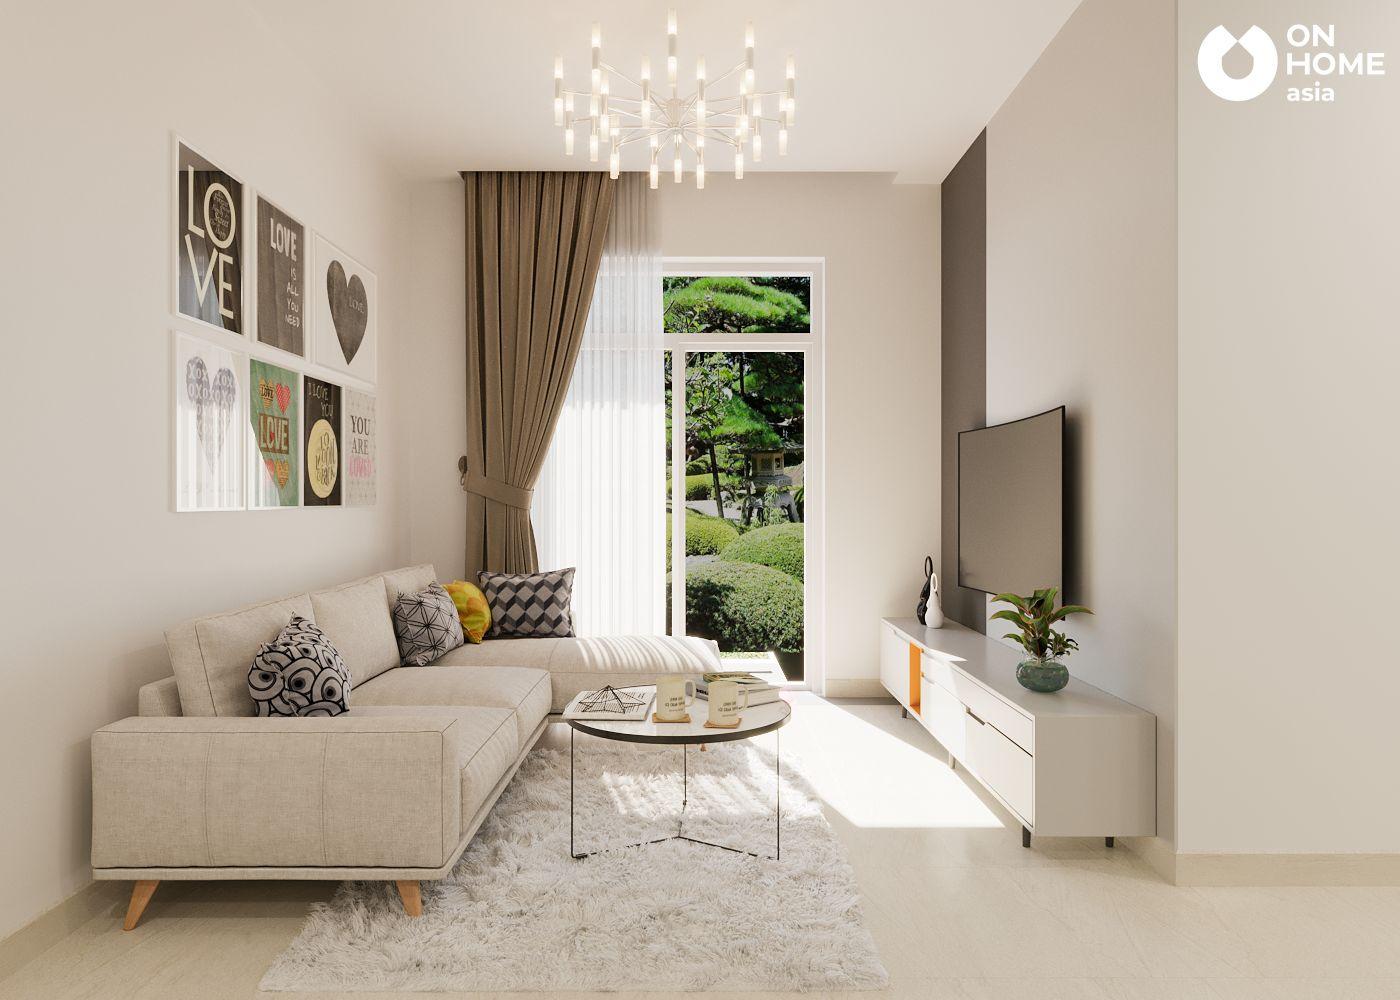 thiết kế nội thất phòng khách căn hộ 95m2